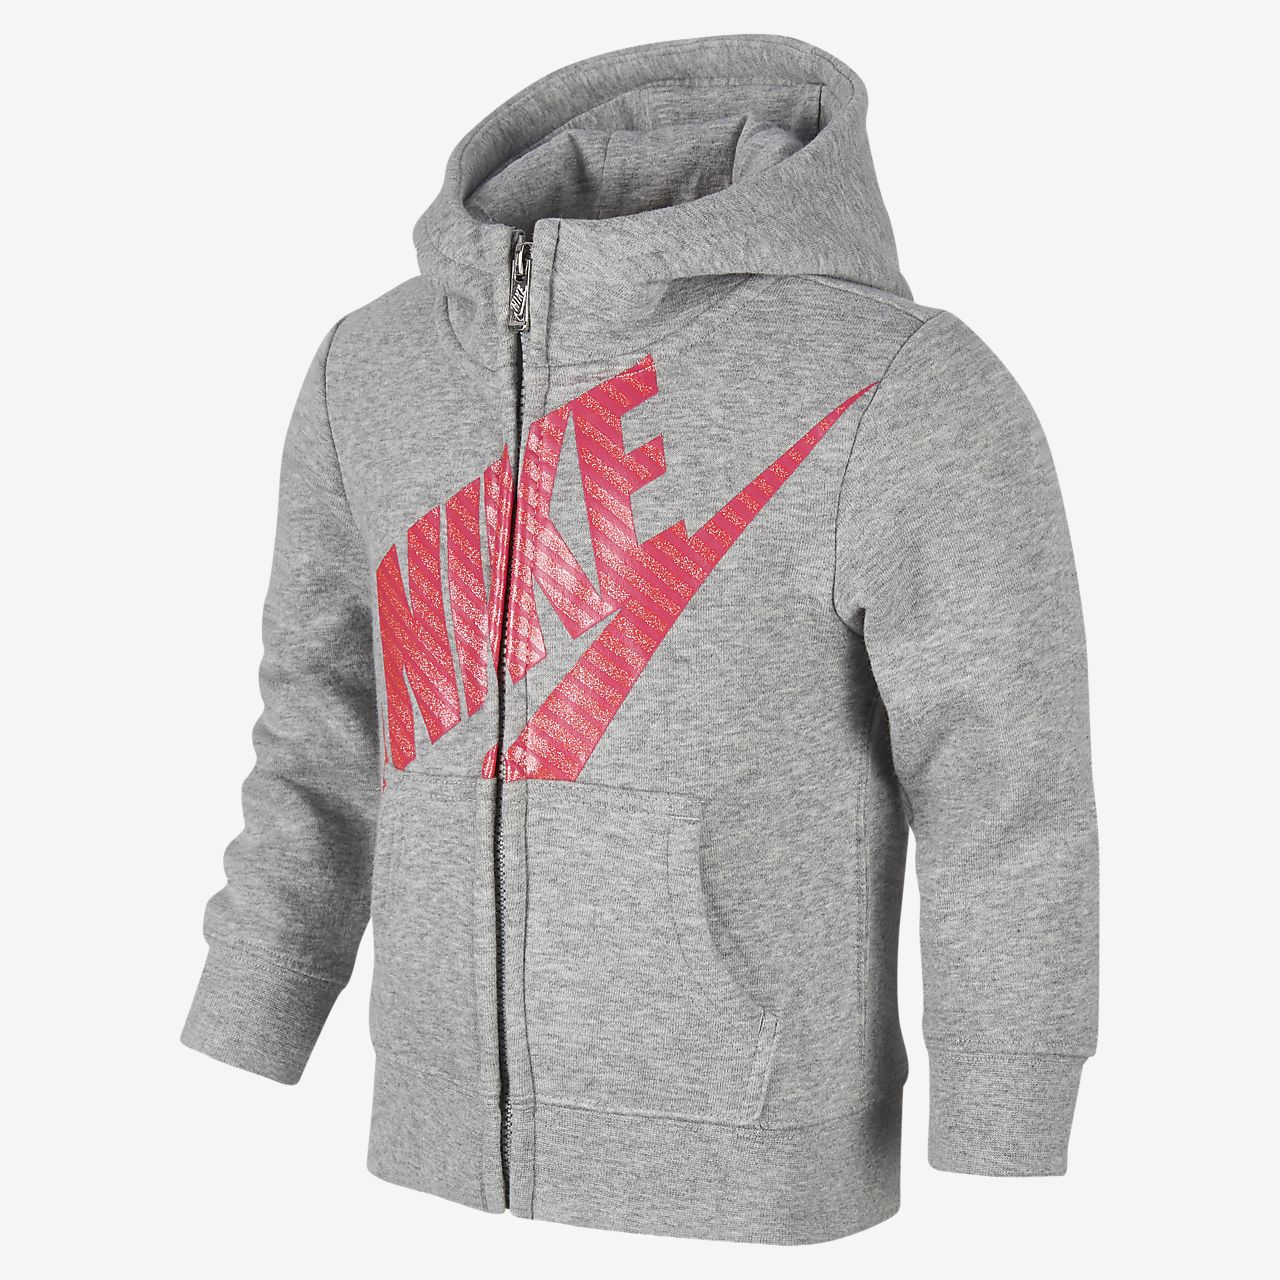 334d97afff Felpa con cappuccio e zip a tutta lunghezza Nike Sportswear - Bambini